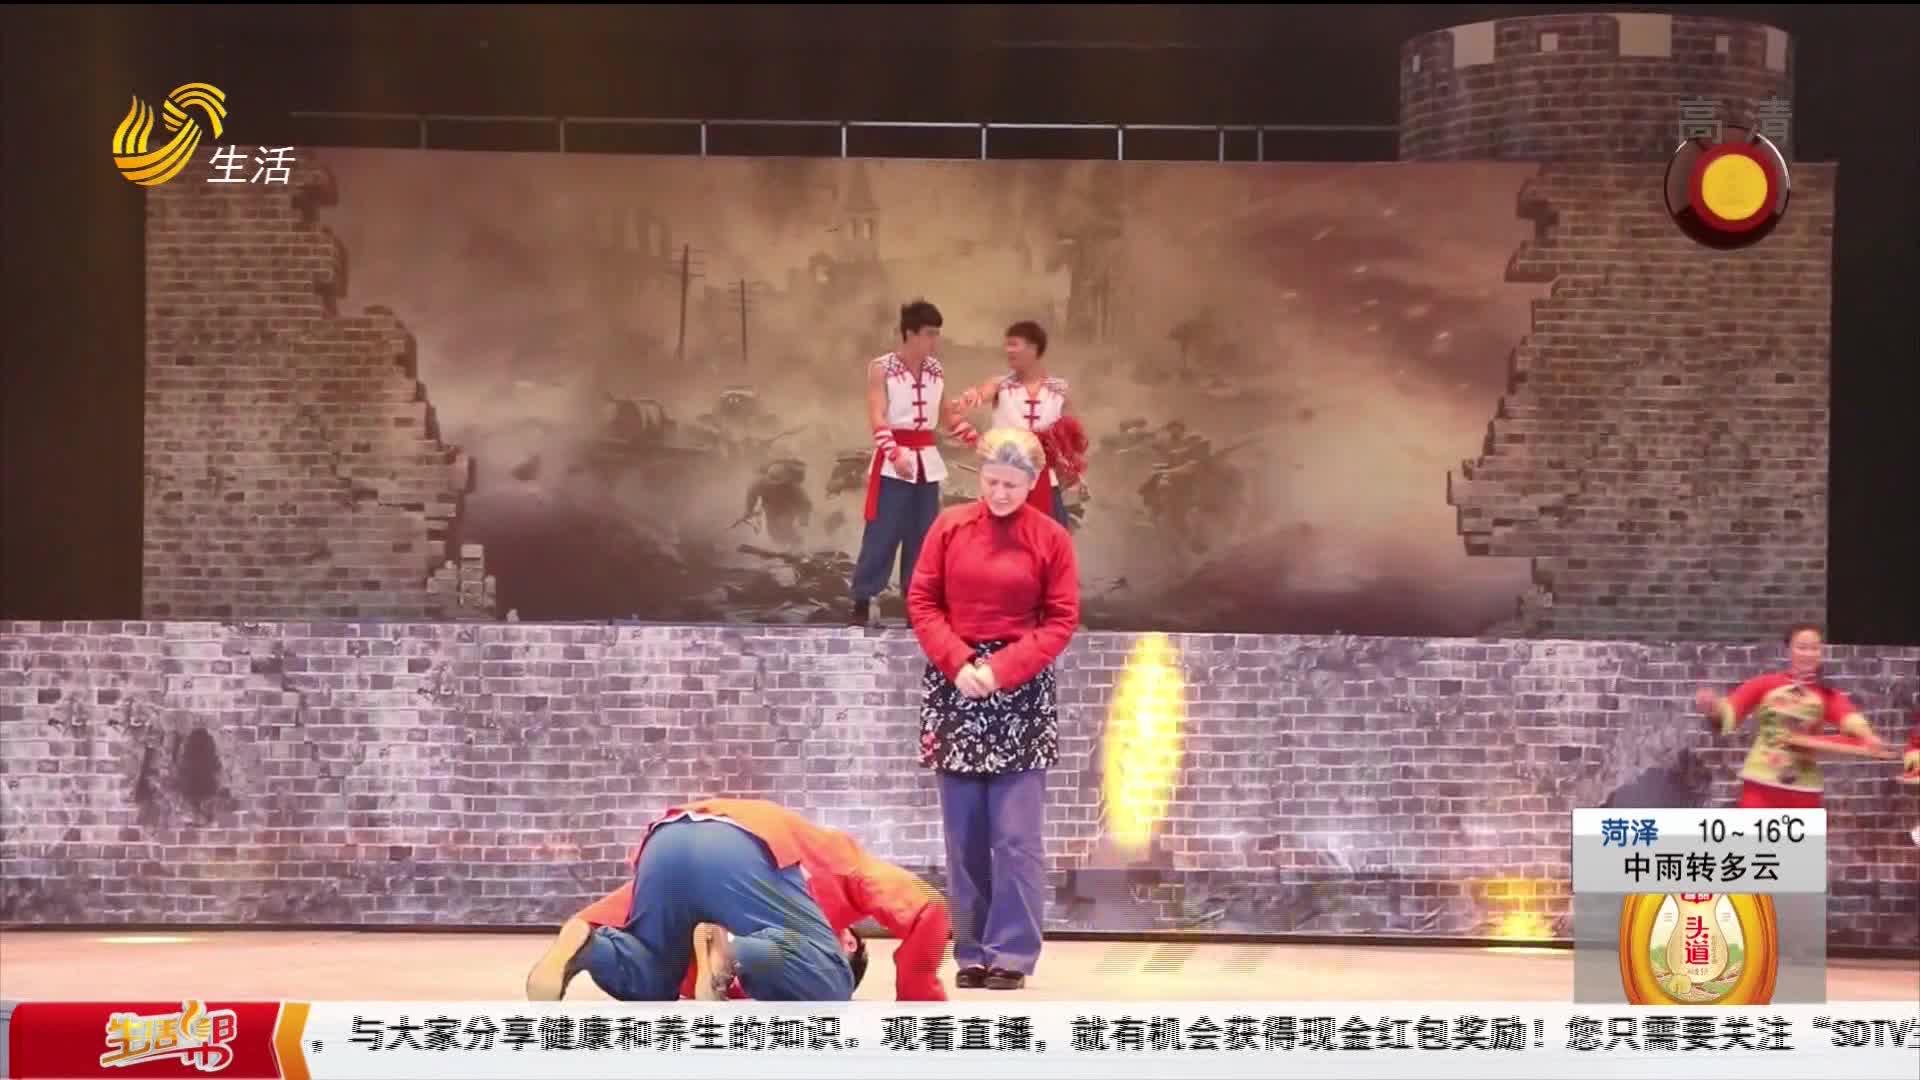 就地过年去哪玩?宁津德百杂技蟋蟀欢乐谷《大刀传奇》震撼首演